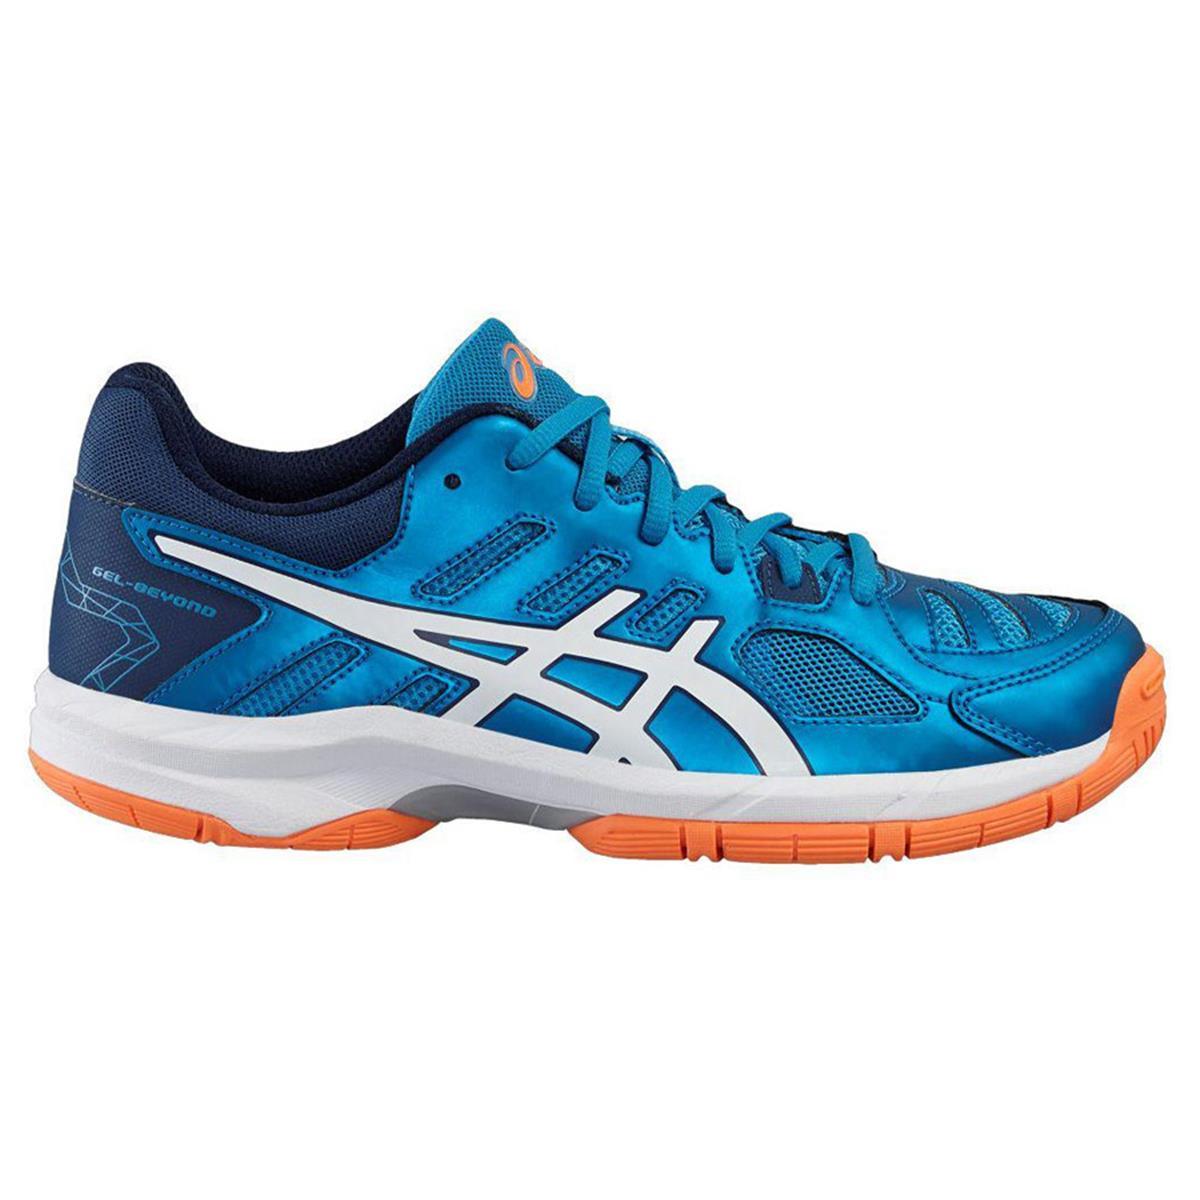 4af4c5b7210 Asics Gel Beyond 5 Junior Shoes (Blue Jewel-White-Hot Orange ...